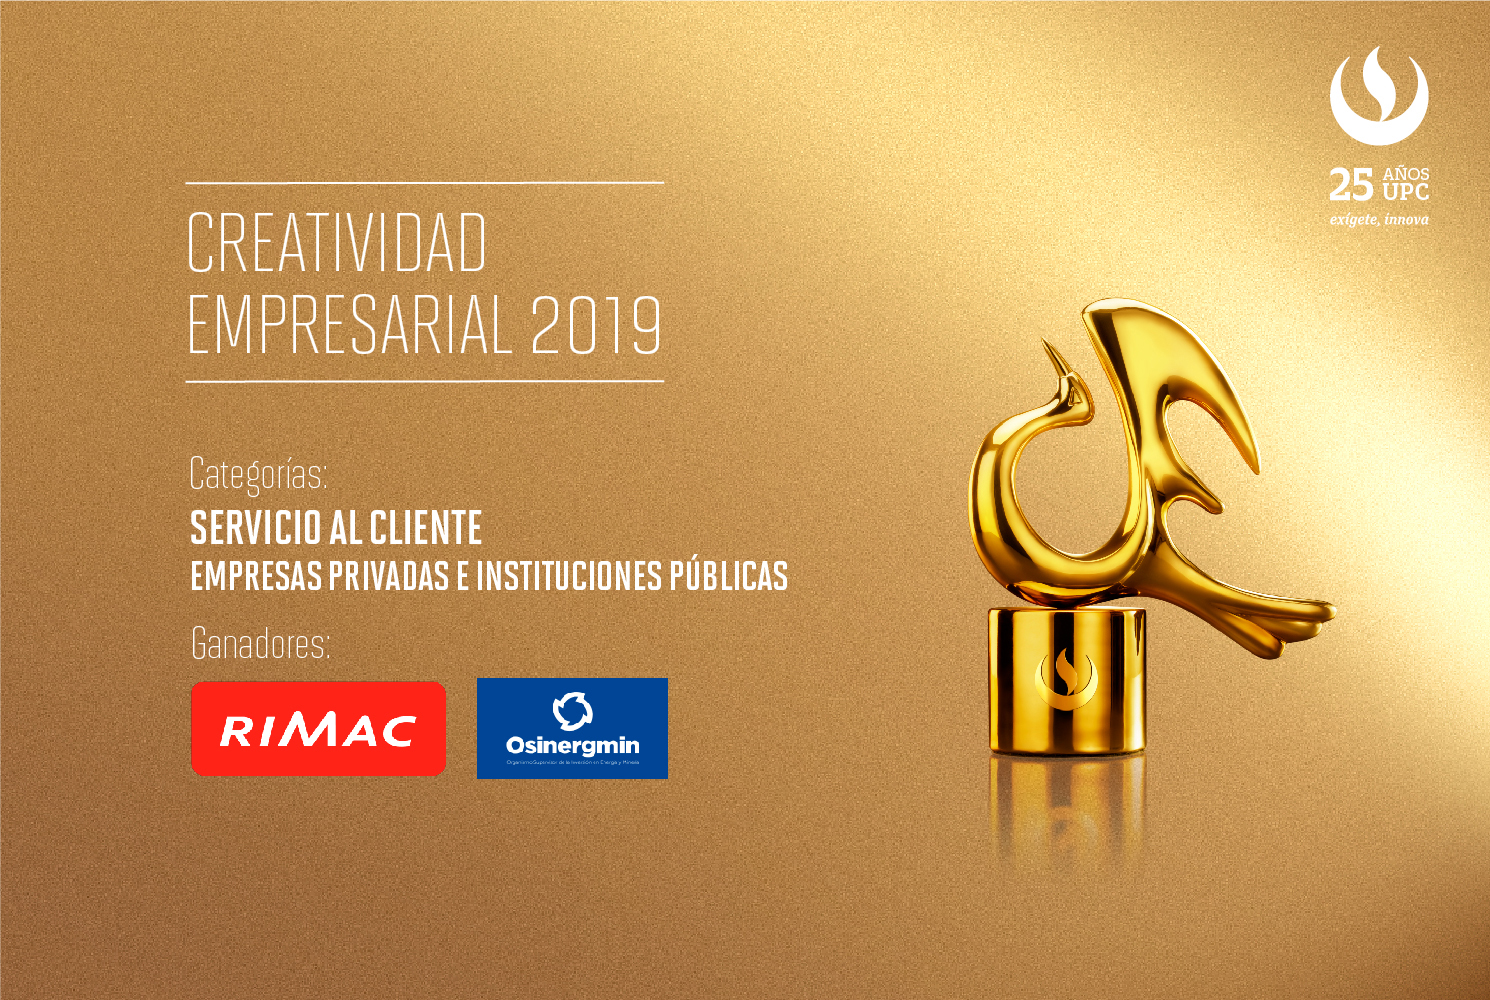 Creatividad Empresarial 2019: RIMAC SEGUROS y OSINGERMIN fueron premiadas en la categoría Servicio al Cliente